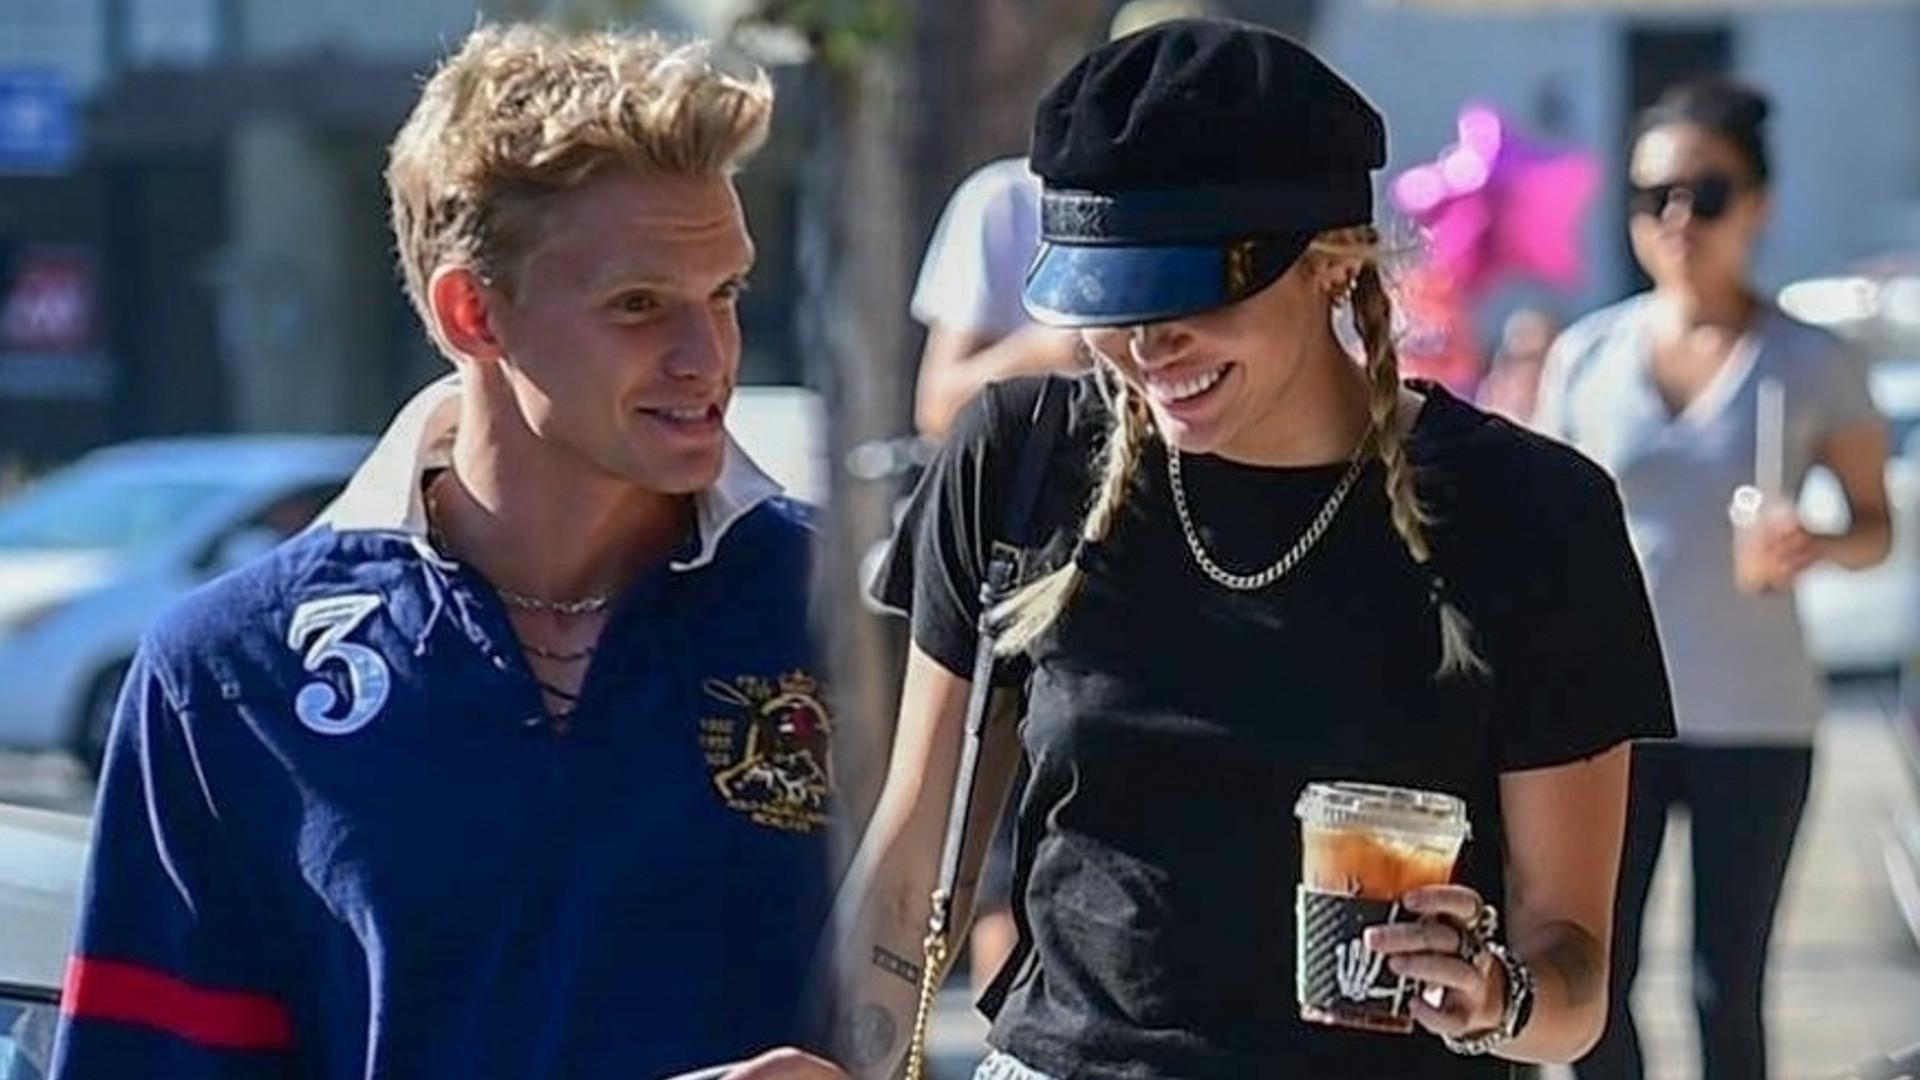 Miley i Cody wyglądają na ZAWSTYDZONYCH na widok paparazzi (ZDJĘCIA)